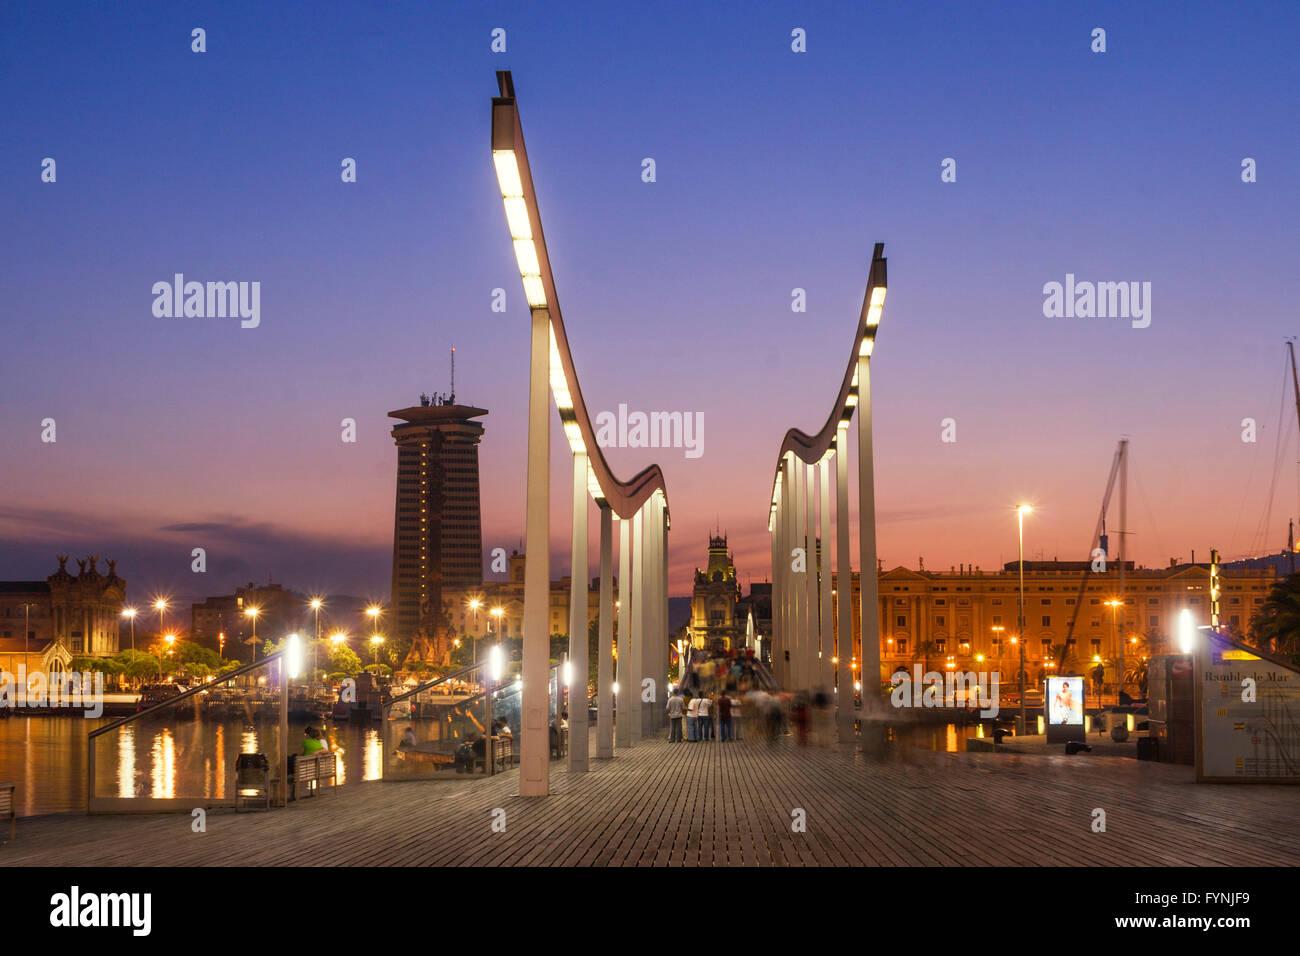 Rambla de Mar, Fußgängerbrücke, Sonnenuntergang, Port Vell, Barcelona, Spanien Stockbild